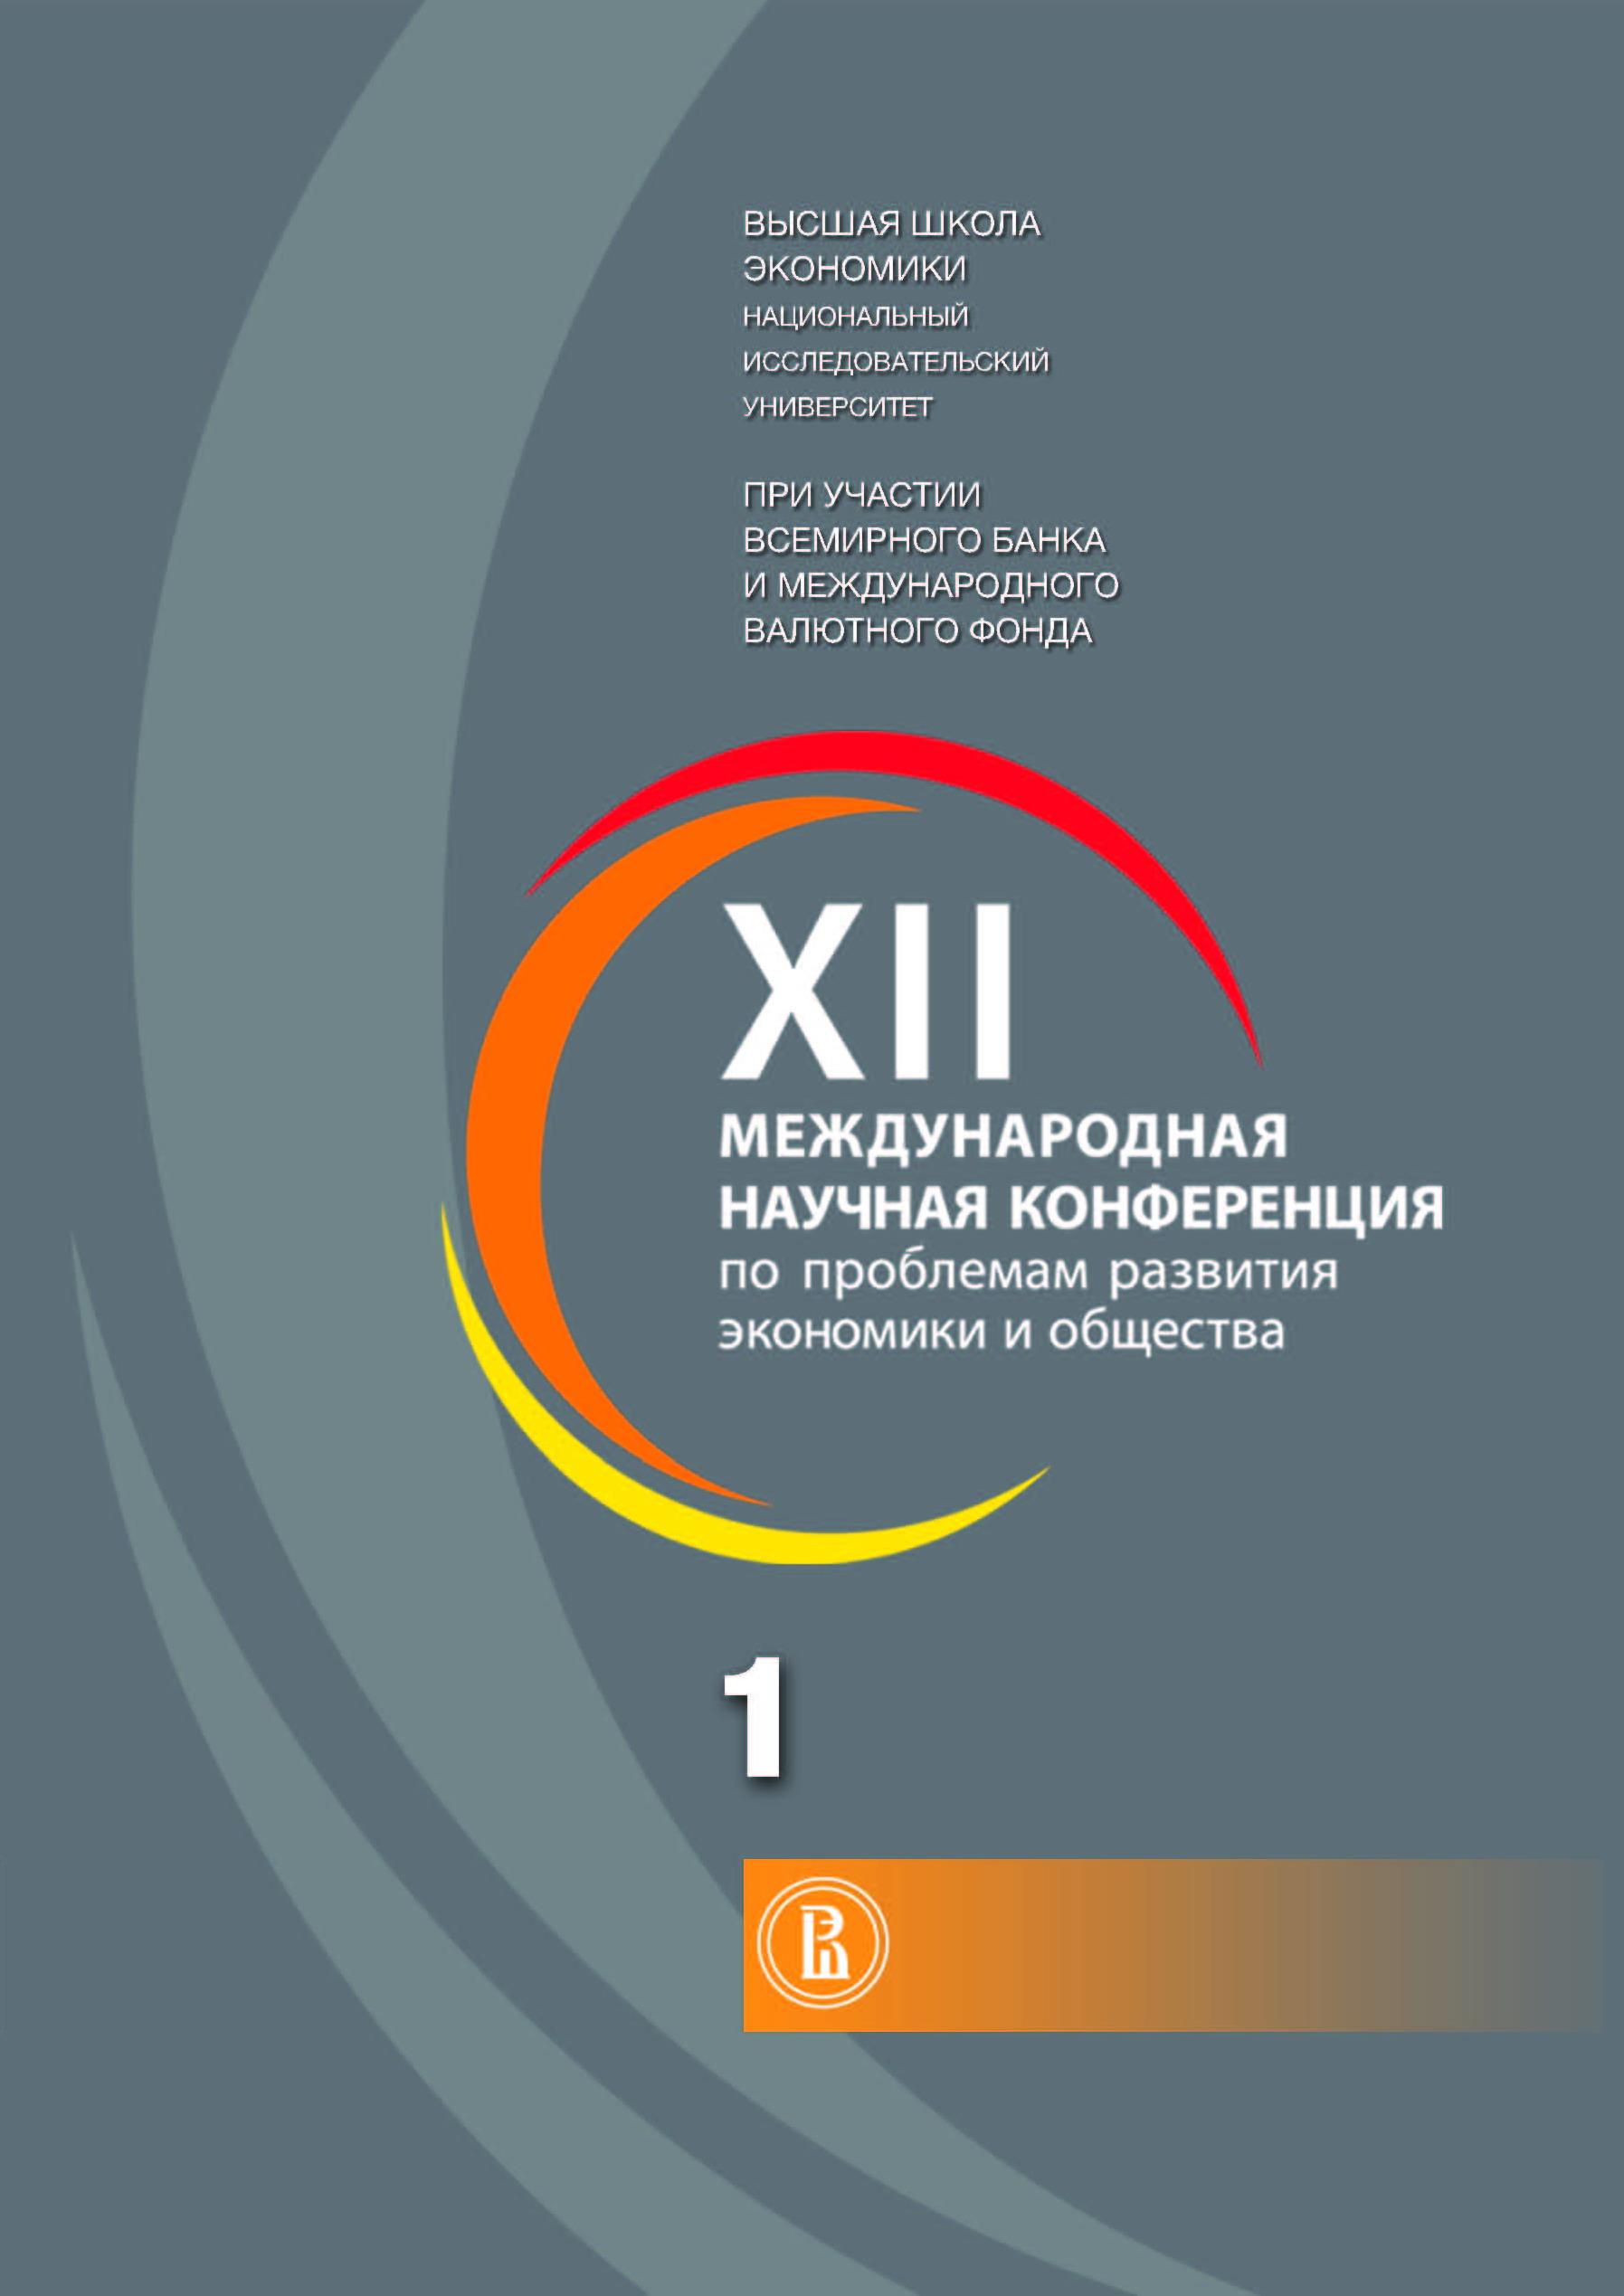 XII Международная научная конференция по проблемам развития экономики и общества. В четырех книгах. Книга 1.